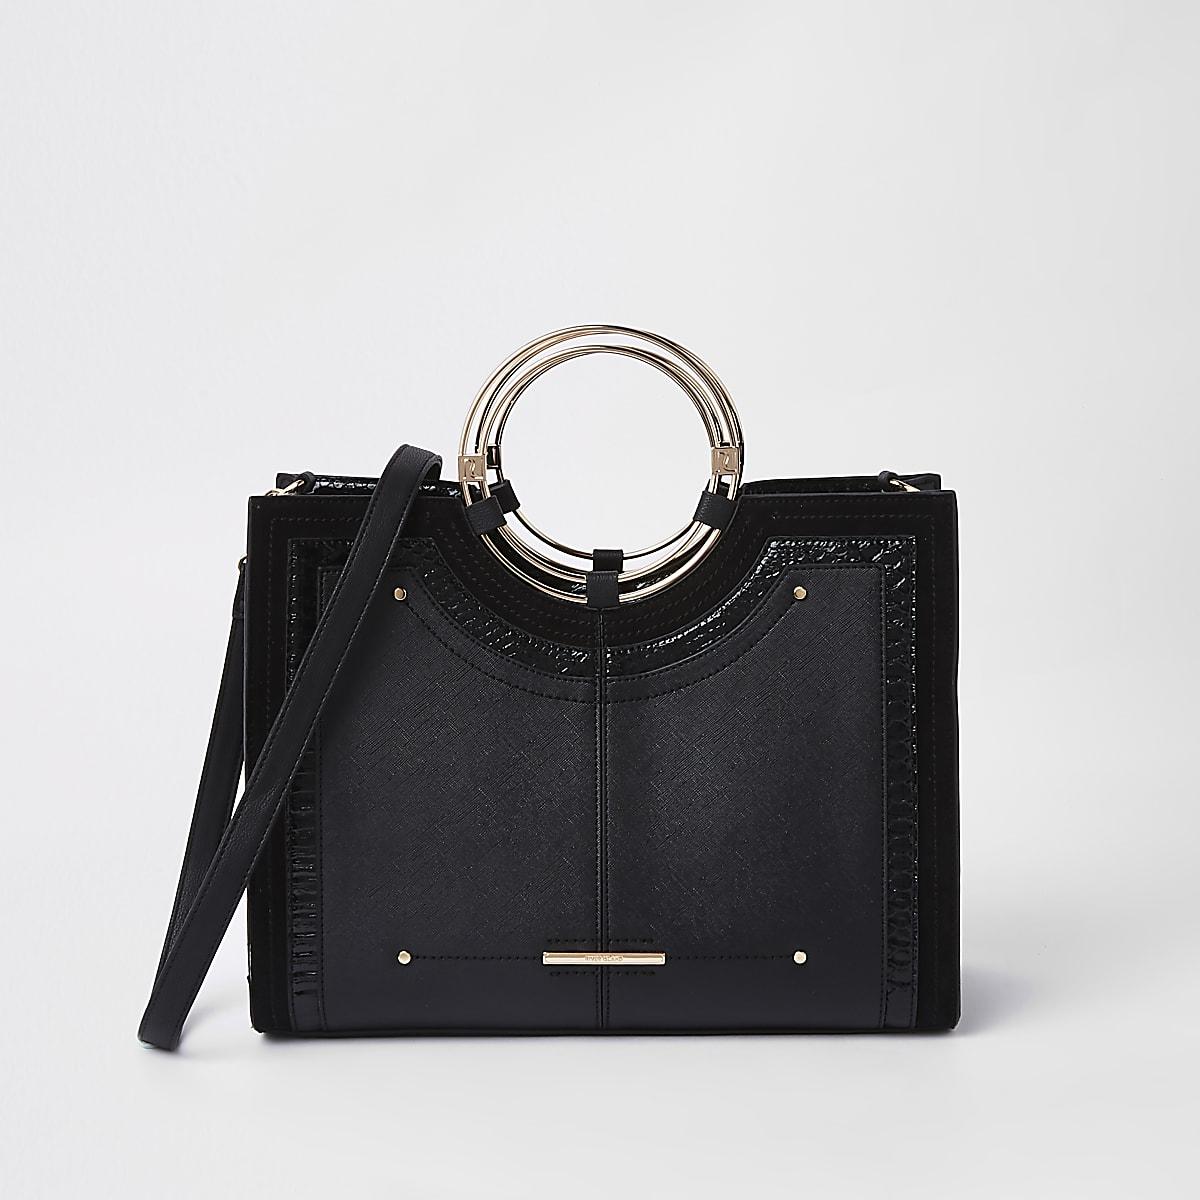 Zwarte handtas met metalen ring